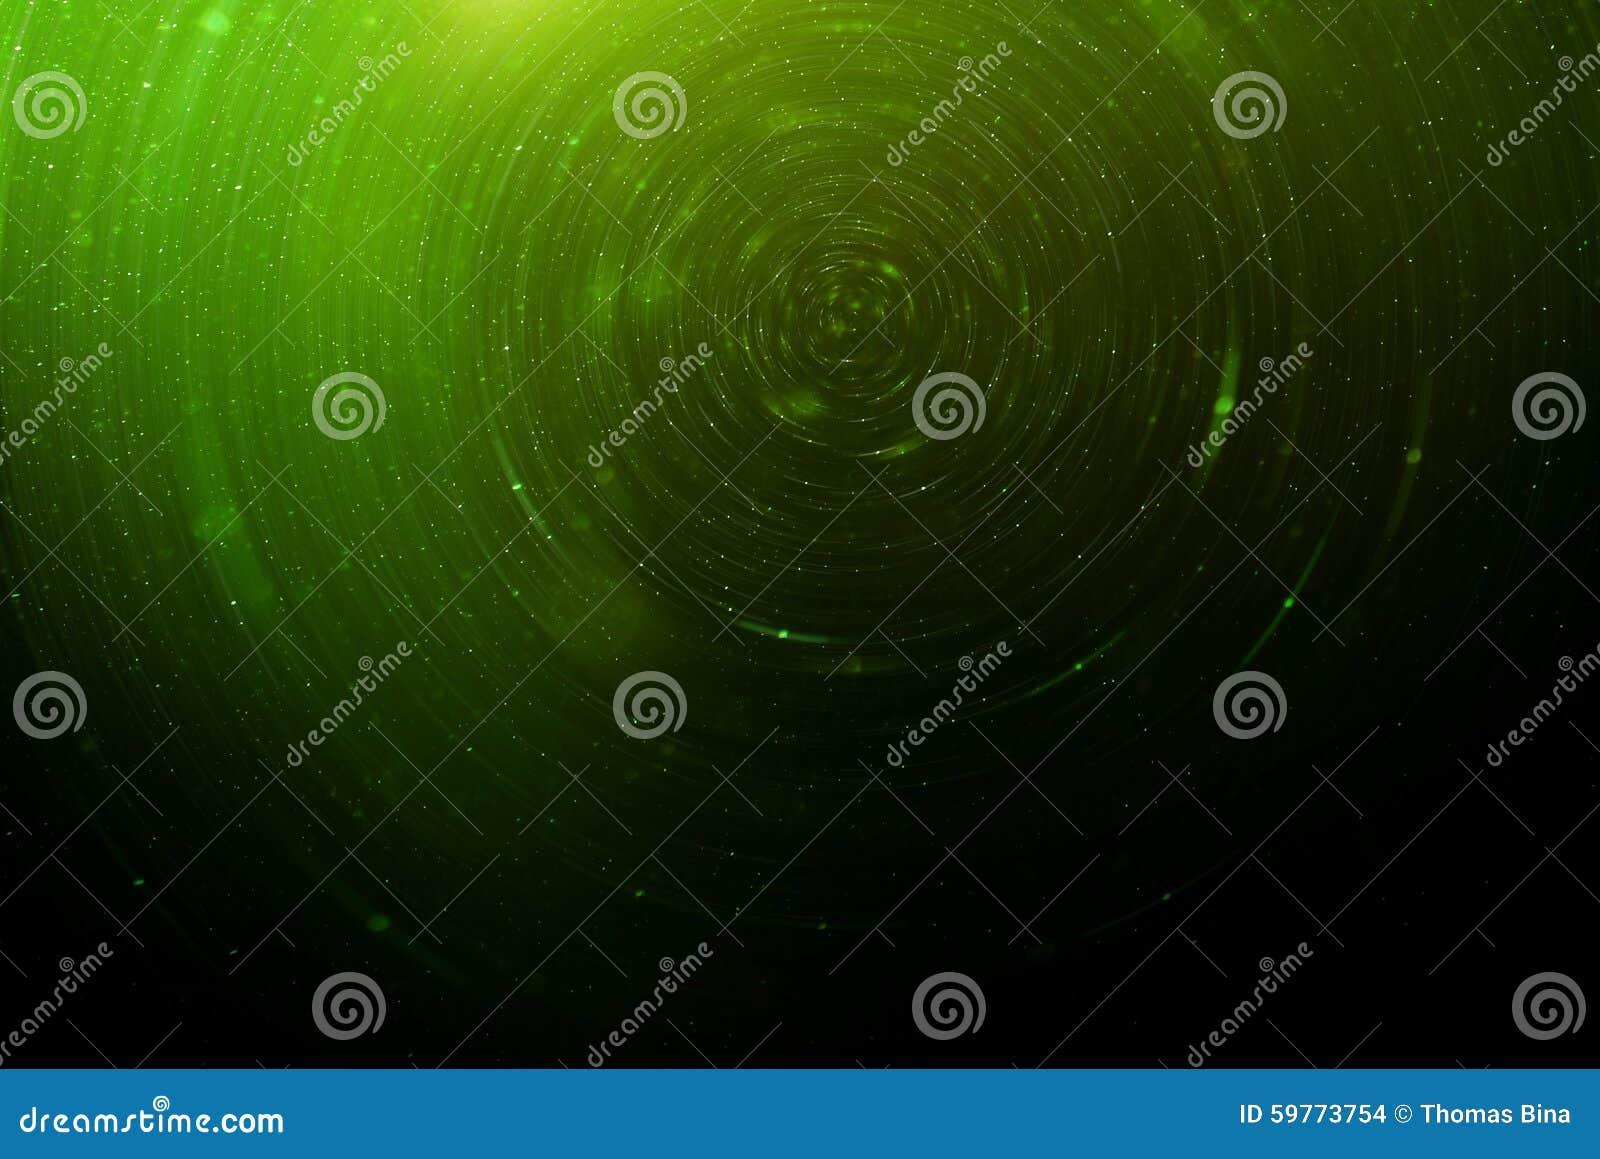 Groene Abstracte science fiction futuristische achtergrond, vage stralende sterren in ruimte